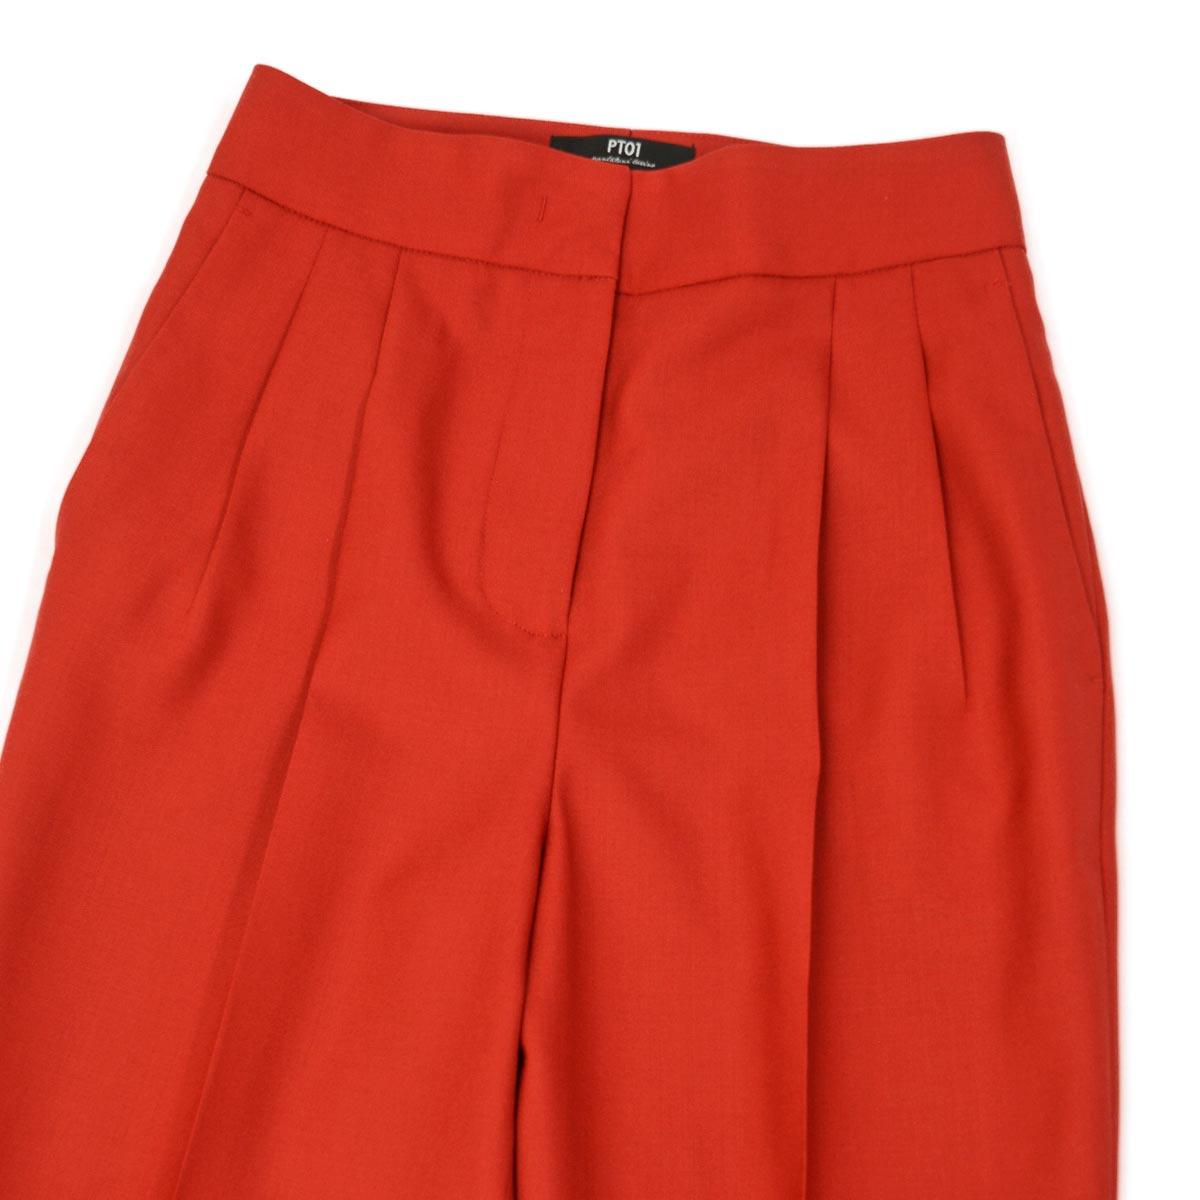 PT01 woman pants【ピーティーゼロウーノ】ツータックテーパードパンツ ALMA VB17 0650 ウール レッド